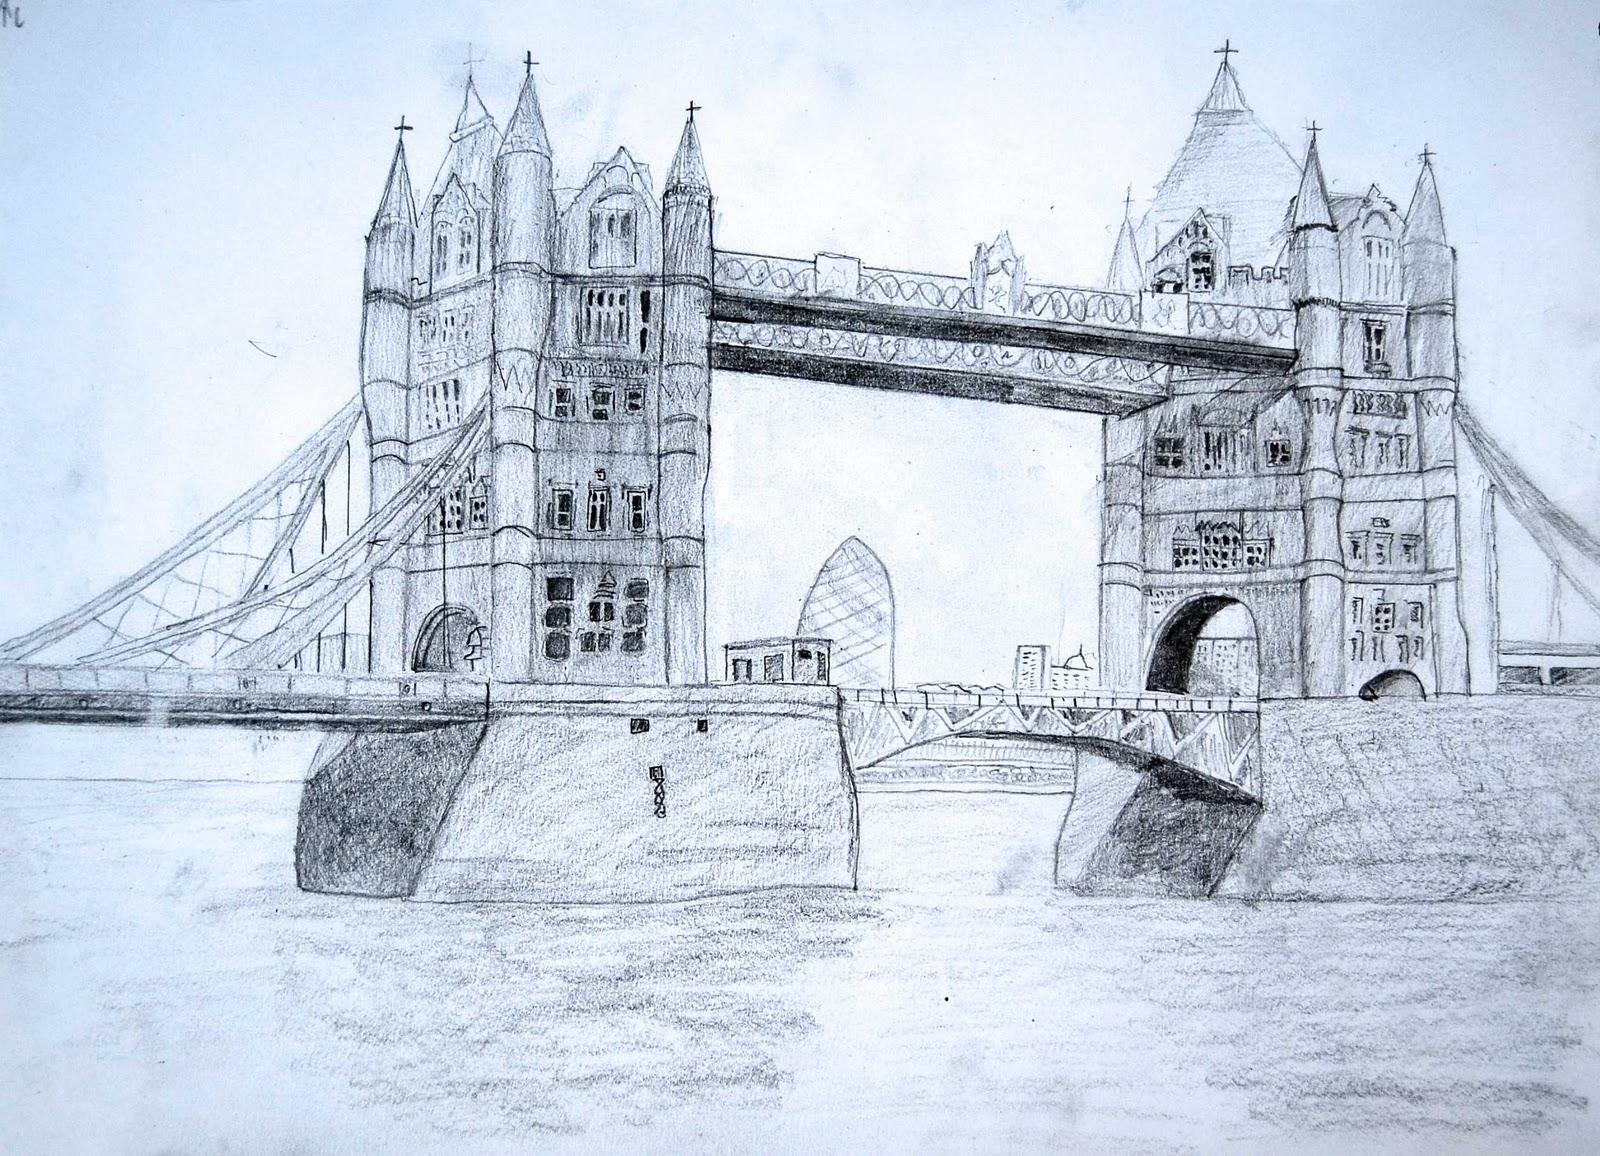 Claireu0026#39;s Art Tower Bridge Sketch - London